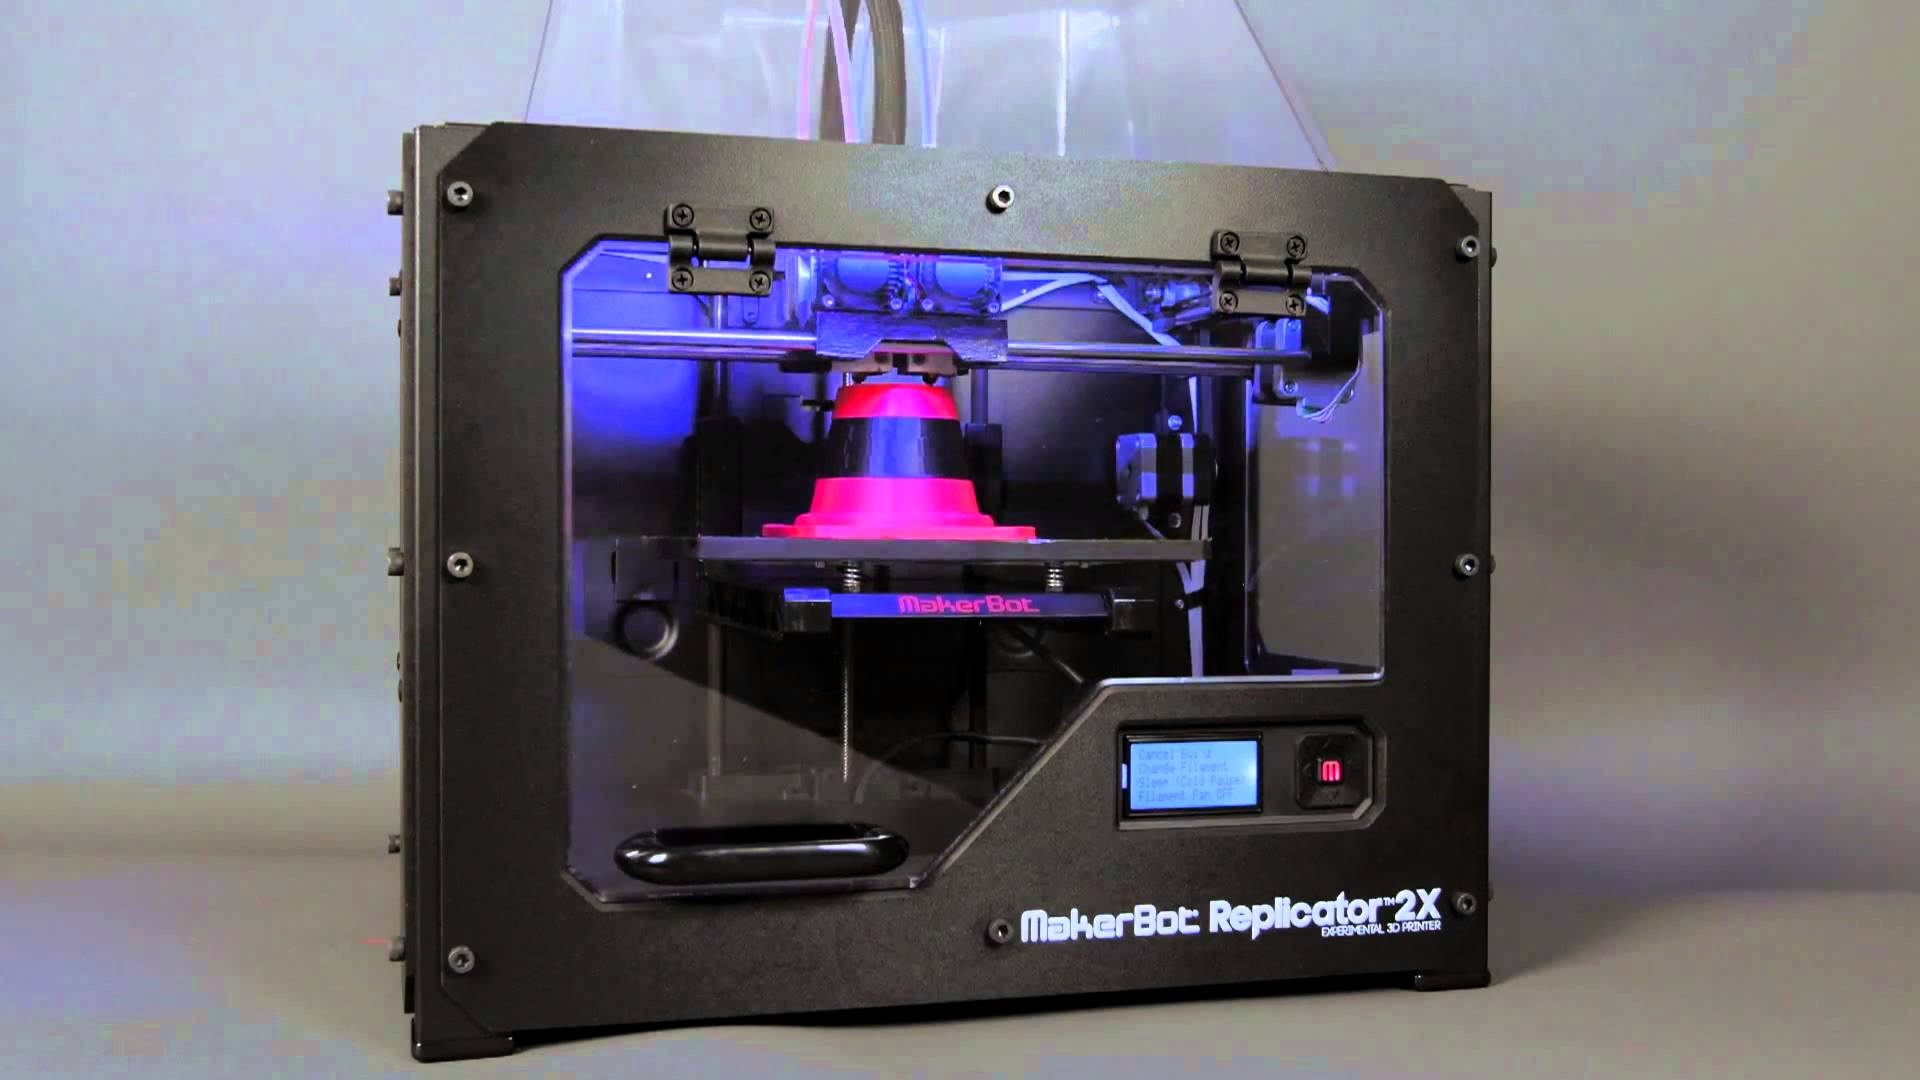 Impresión 3D ¿Qué es y cómo funciona?